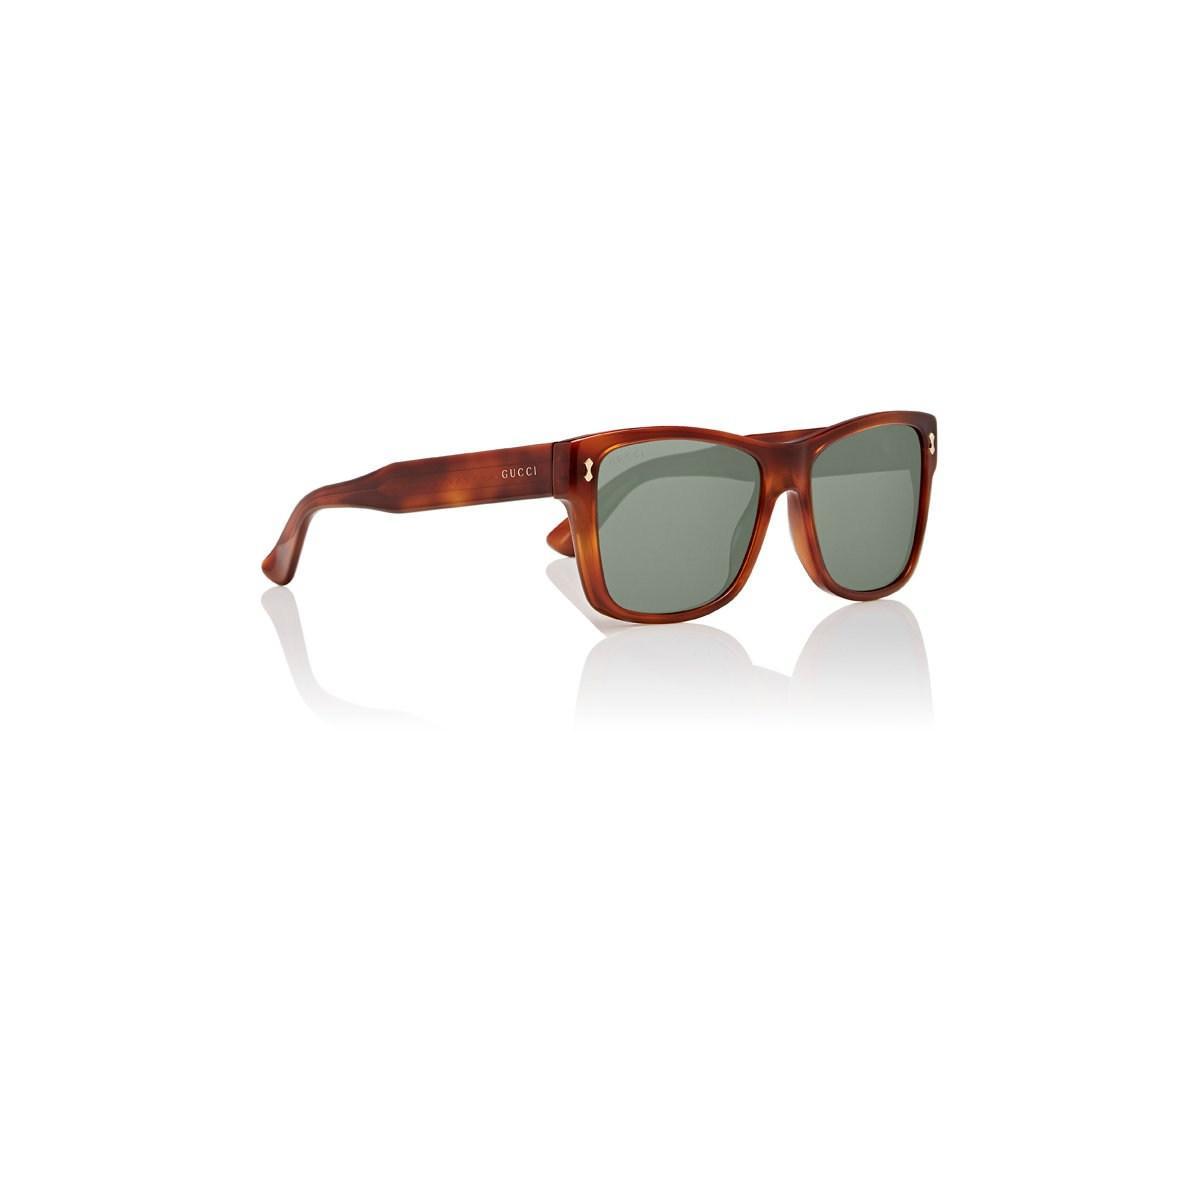 8cd61e94b Gucci 0052s Sunglasses in Brown for Men - Lyst